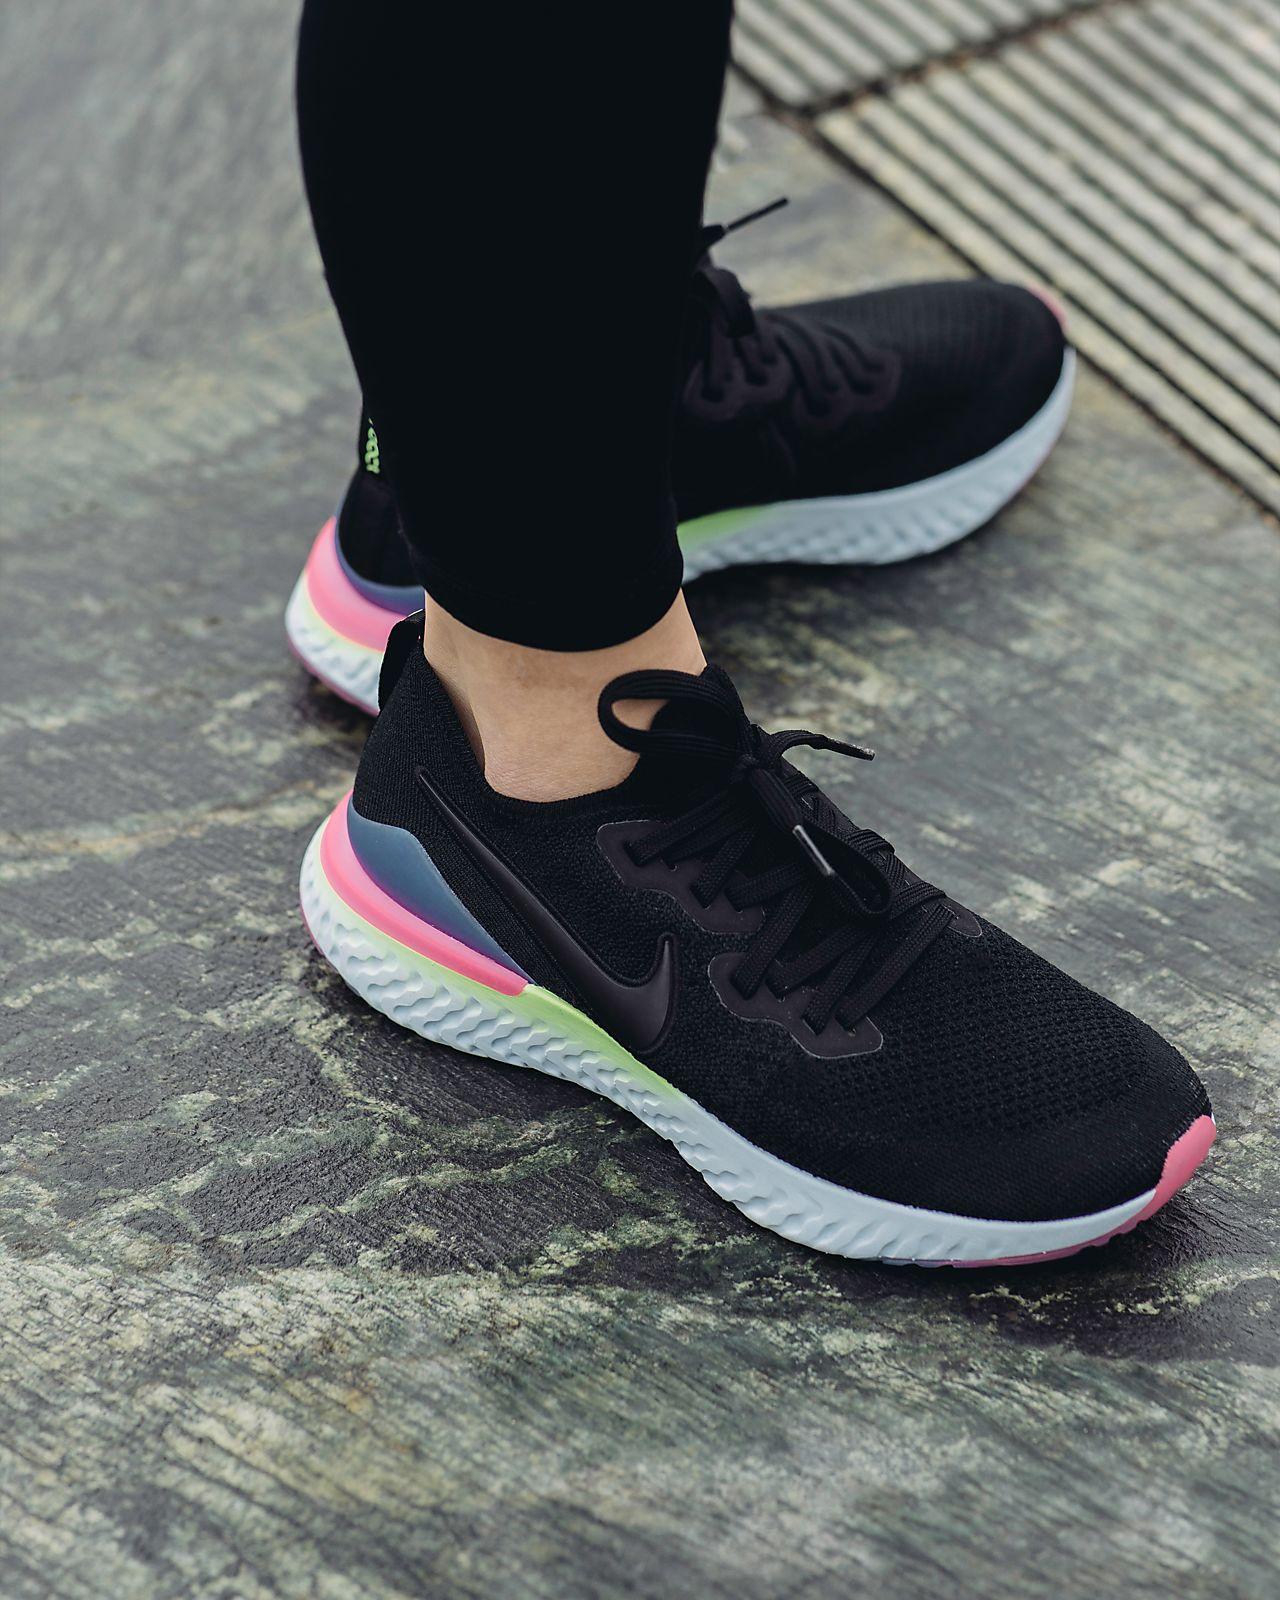 Nike Epic React Flyknit 2 Women